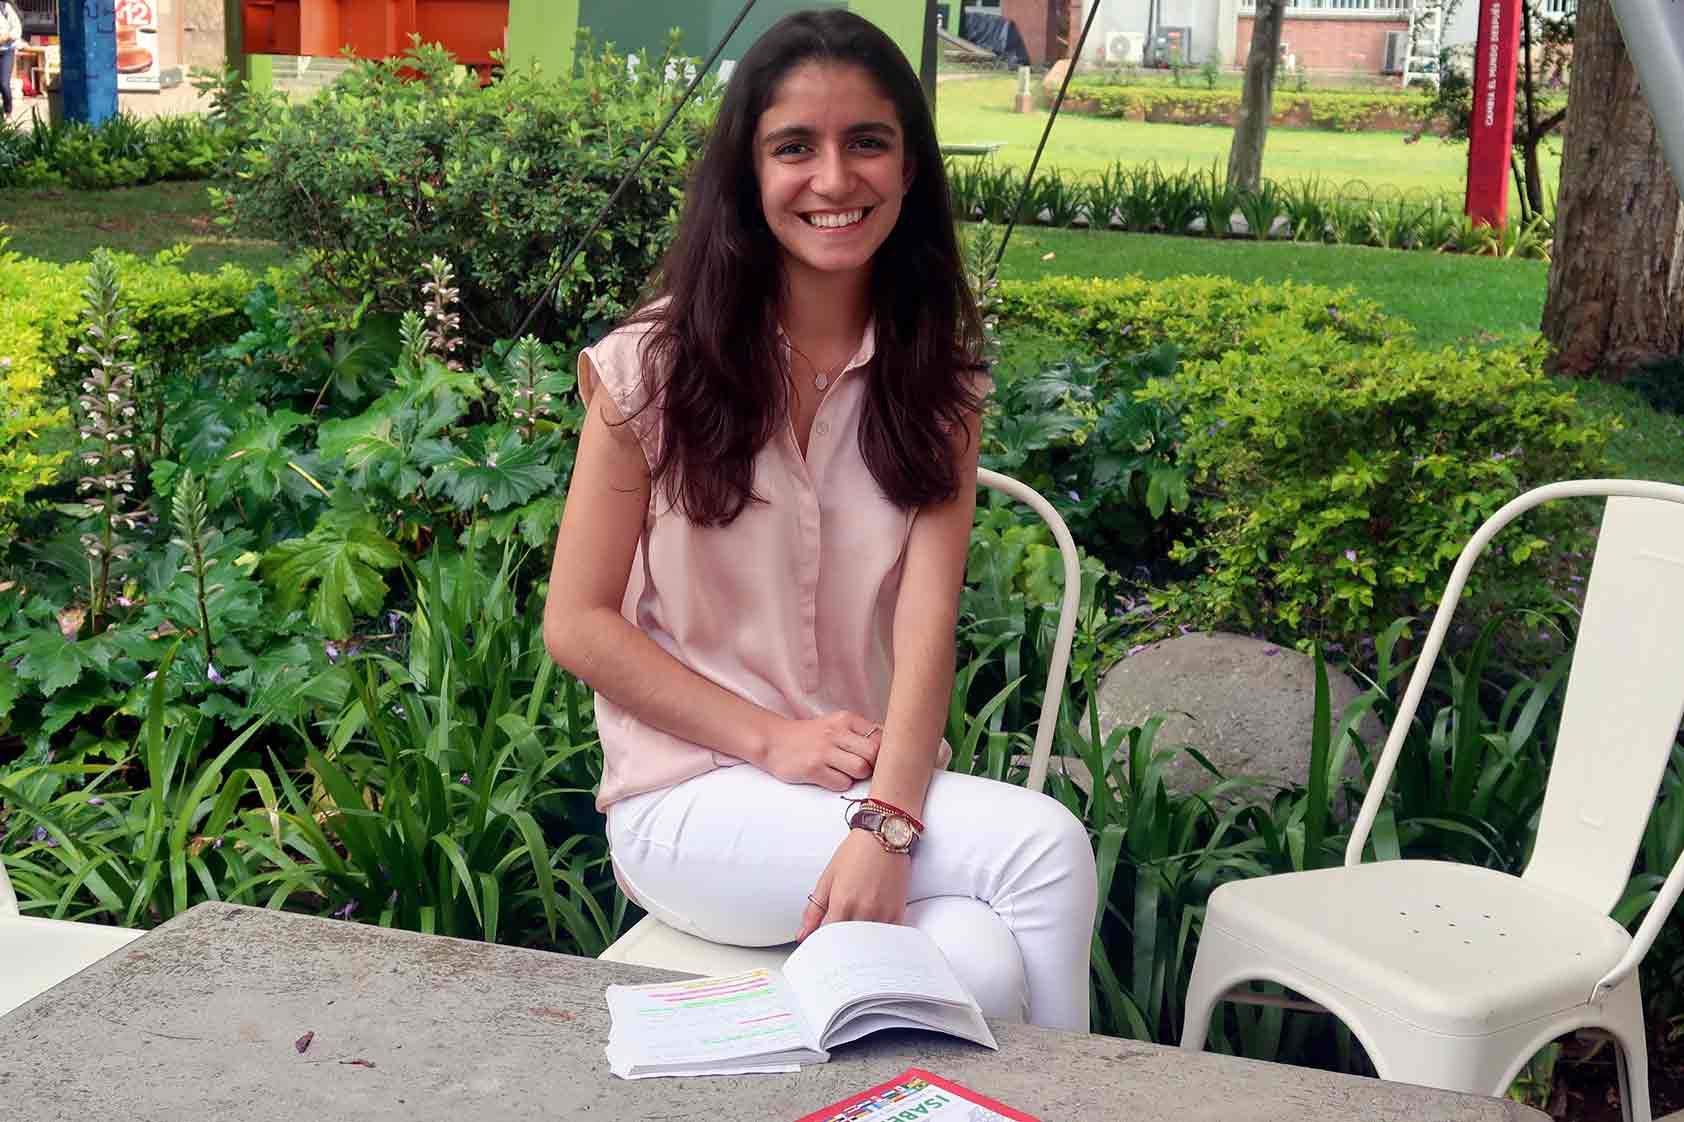 El emprendimiento y la visión de mejora se encuentran en la sangre de Isabela González